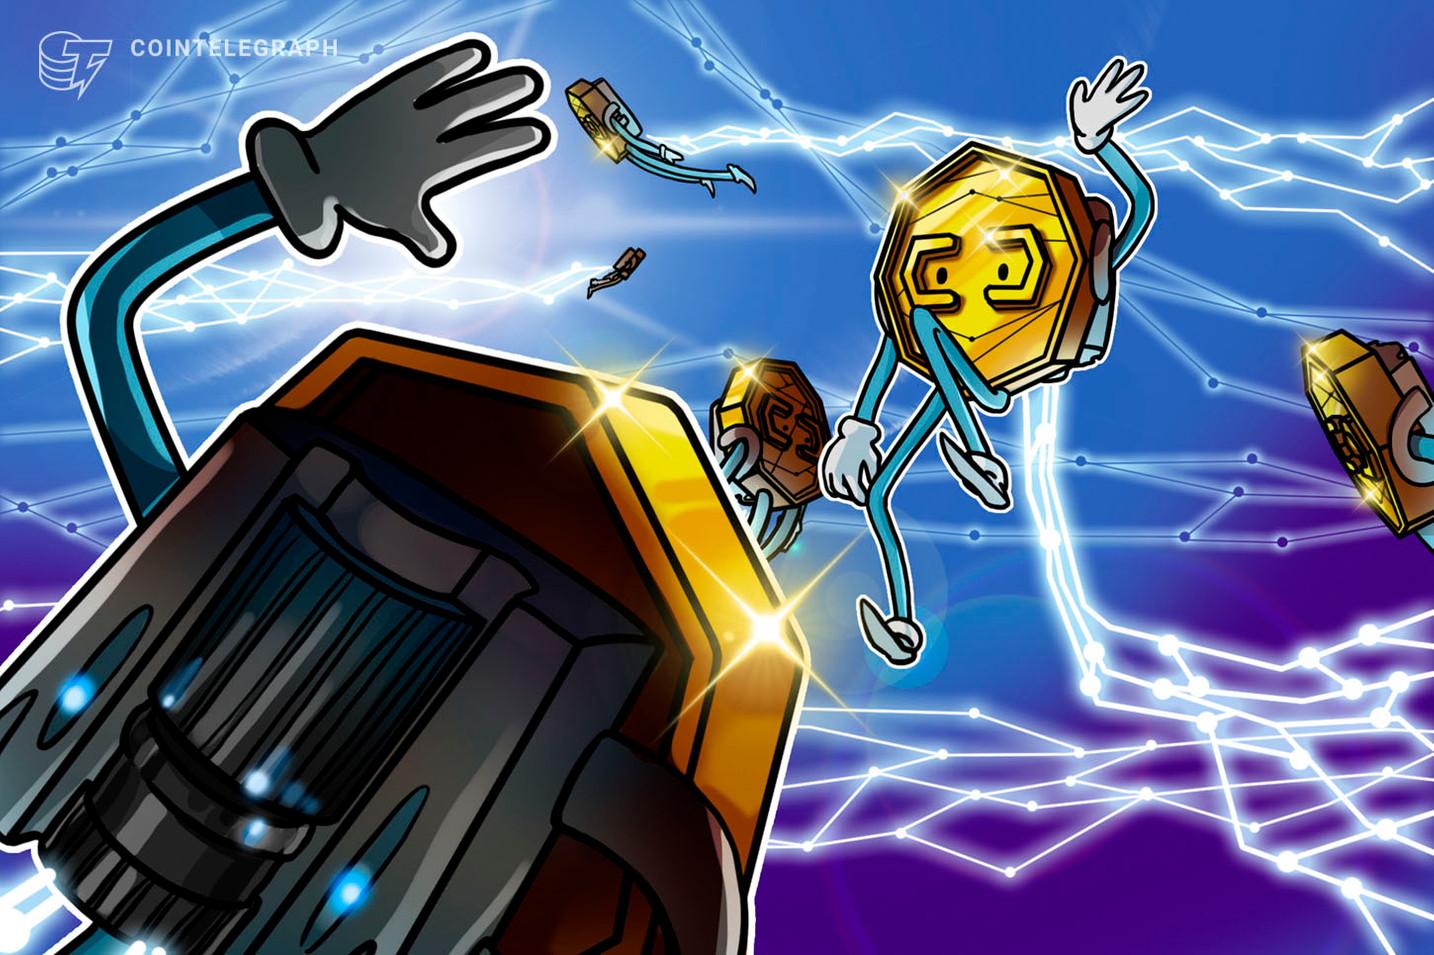 Decentraland anuncia transferencias de capa dos para los tokens MANA y sus planes de migrar por completo a Polygon